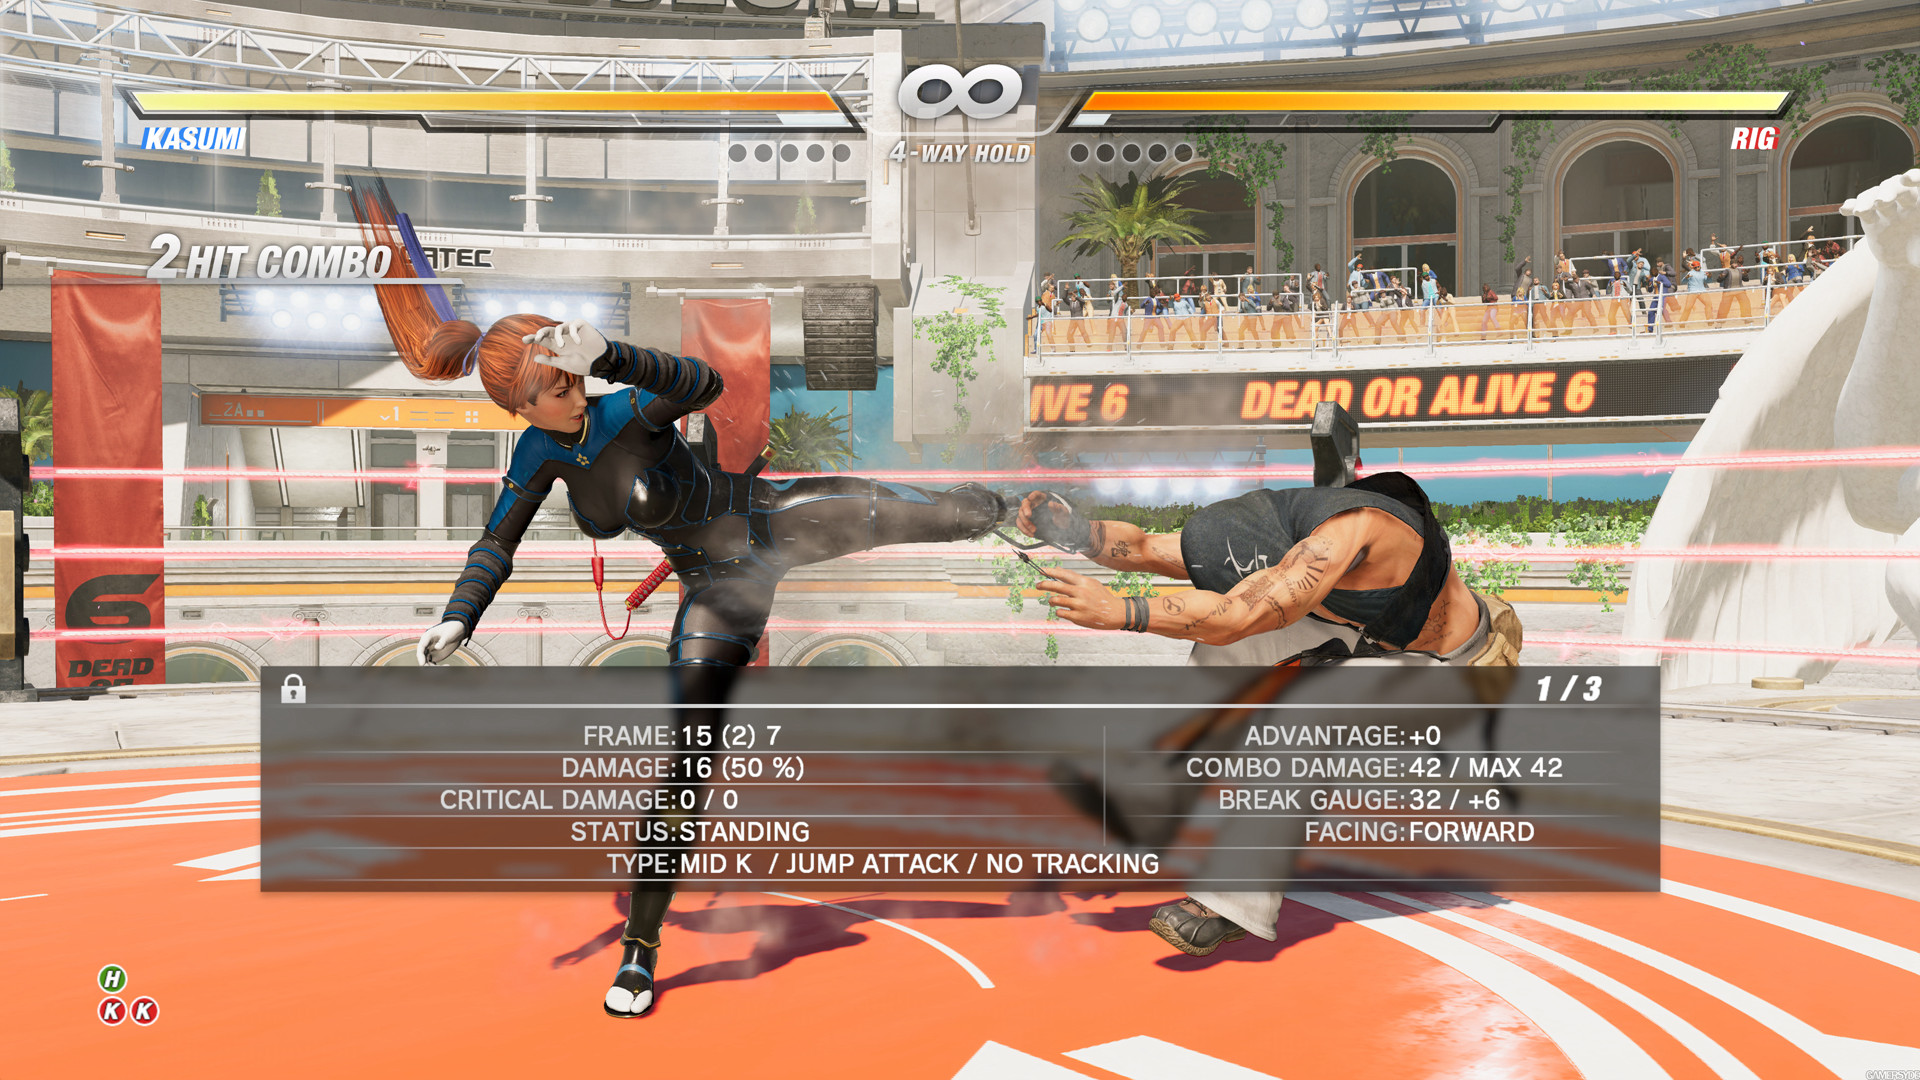 改走陽剛風格 《生死格鬥6》裡格&迭高登場截圖